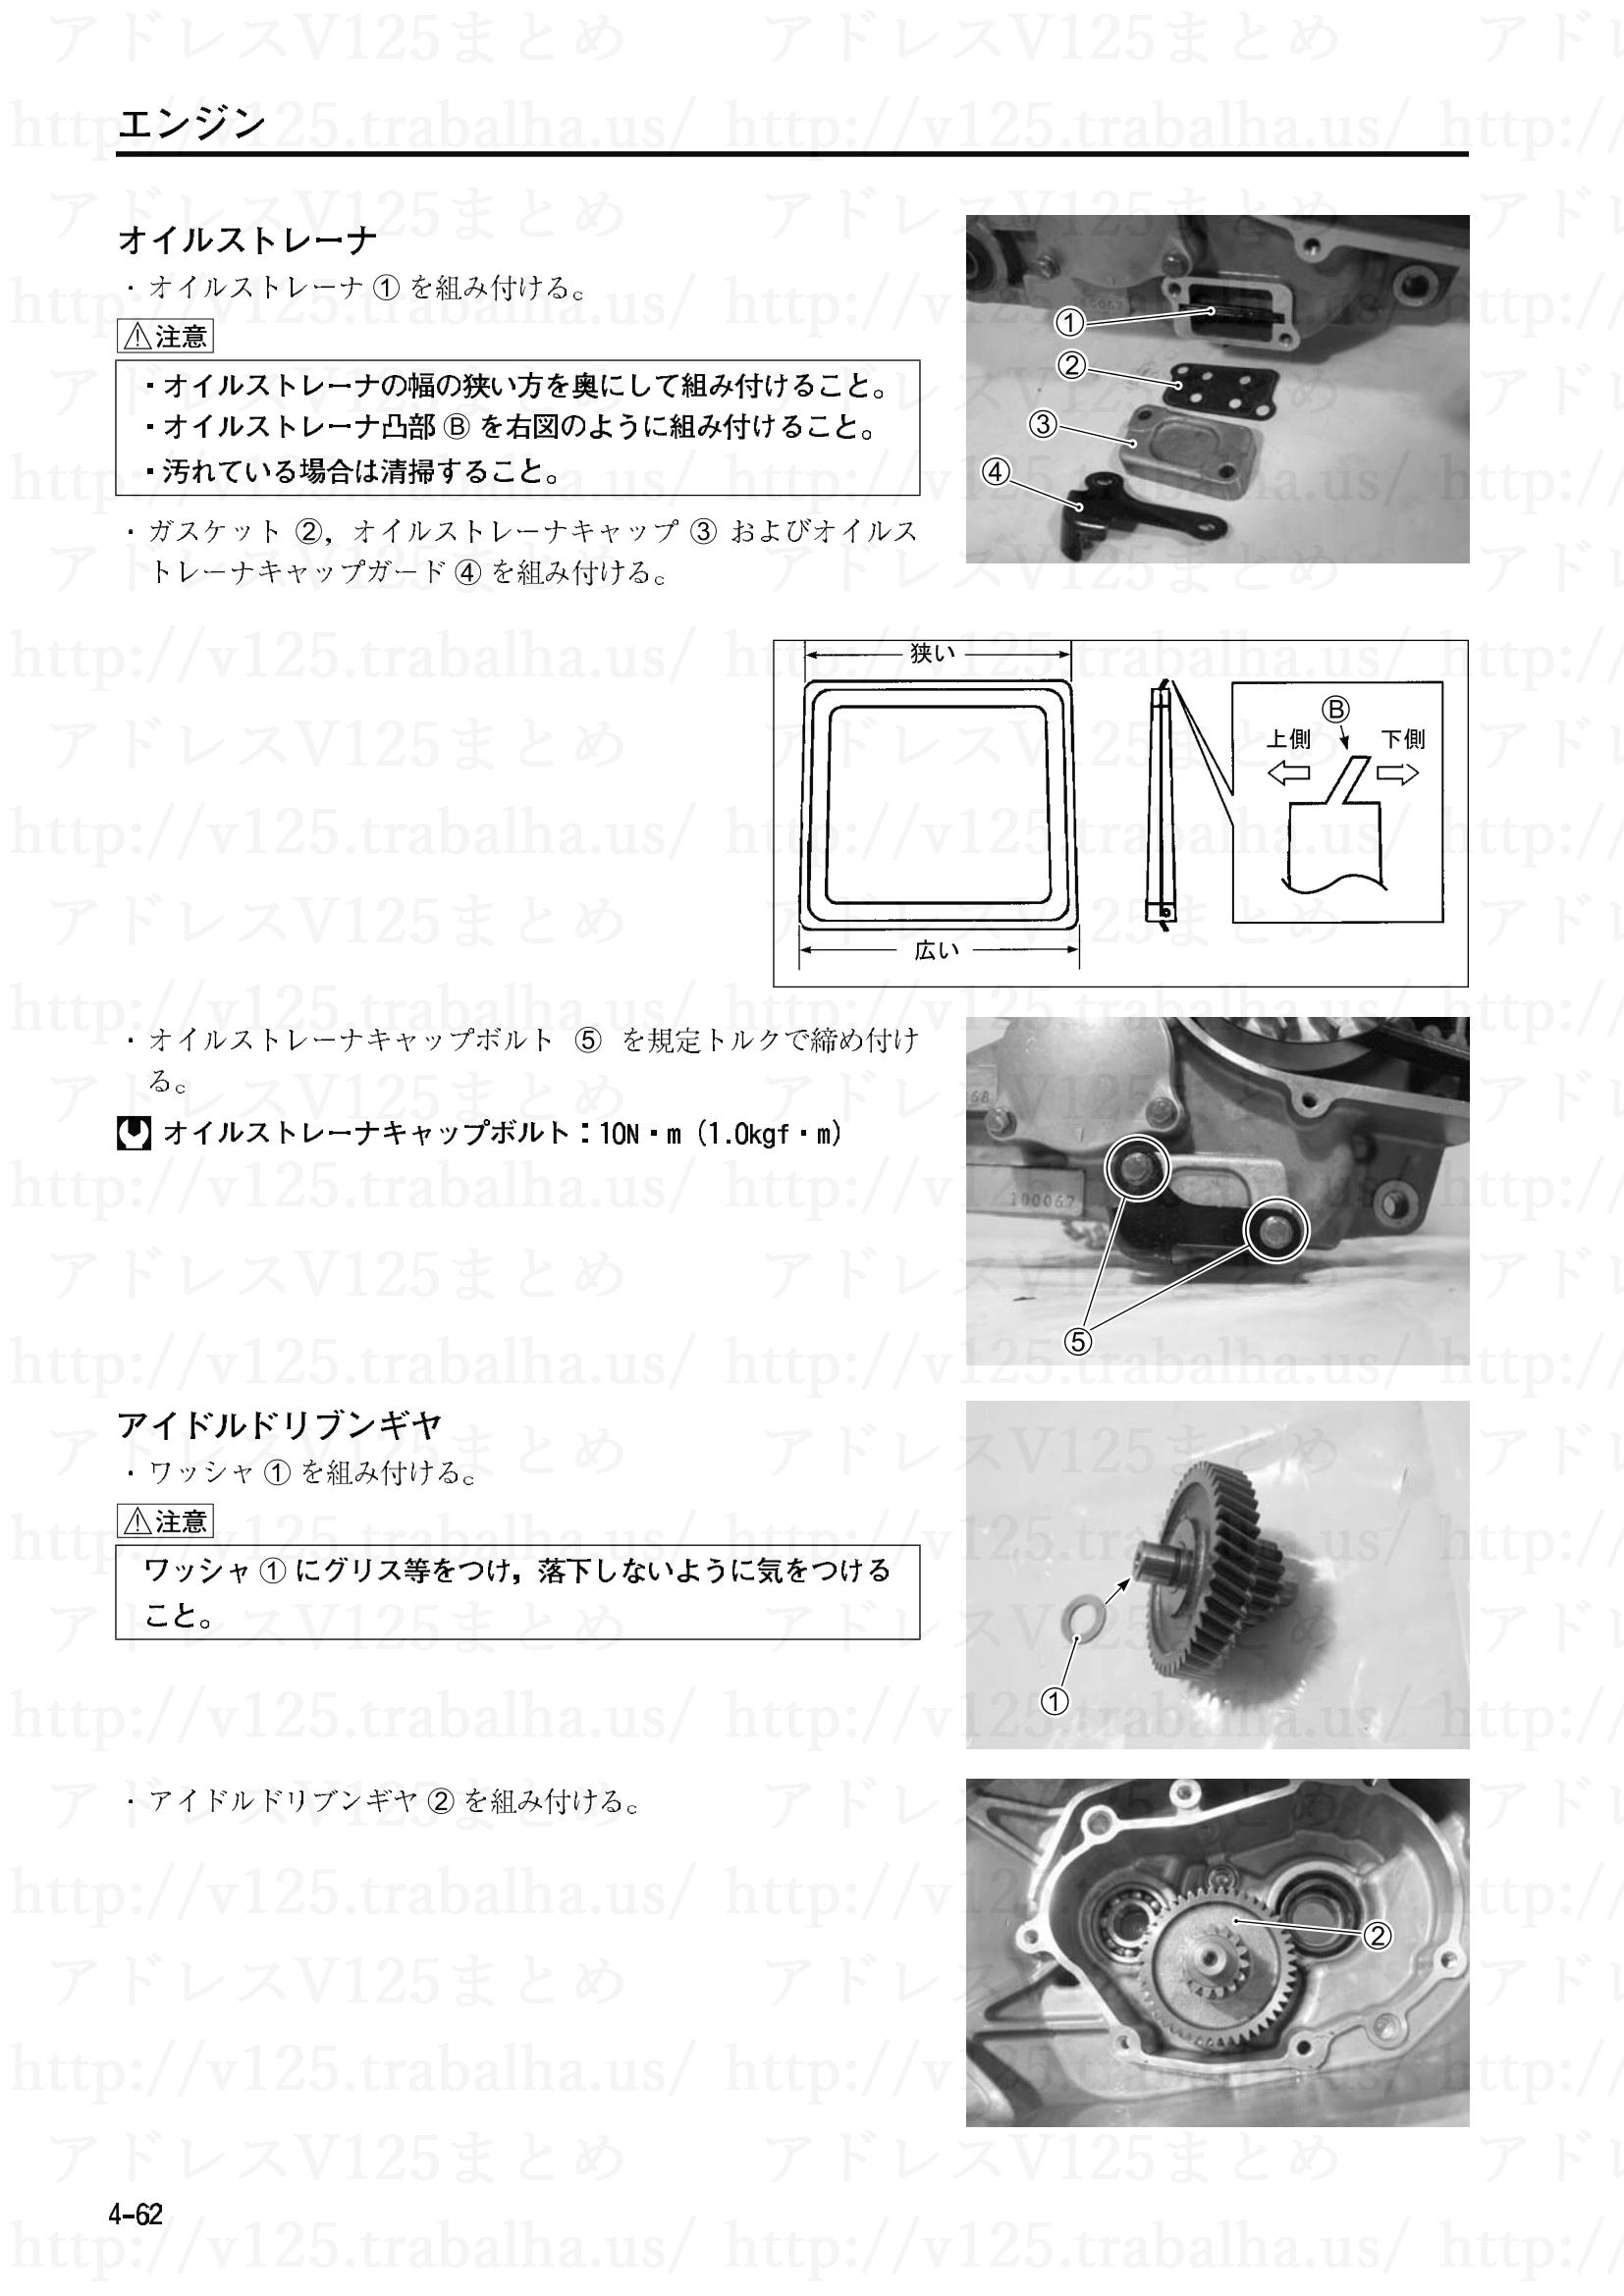 4-62【エンジン】エンジンの組立て6